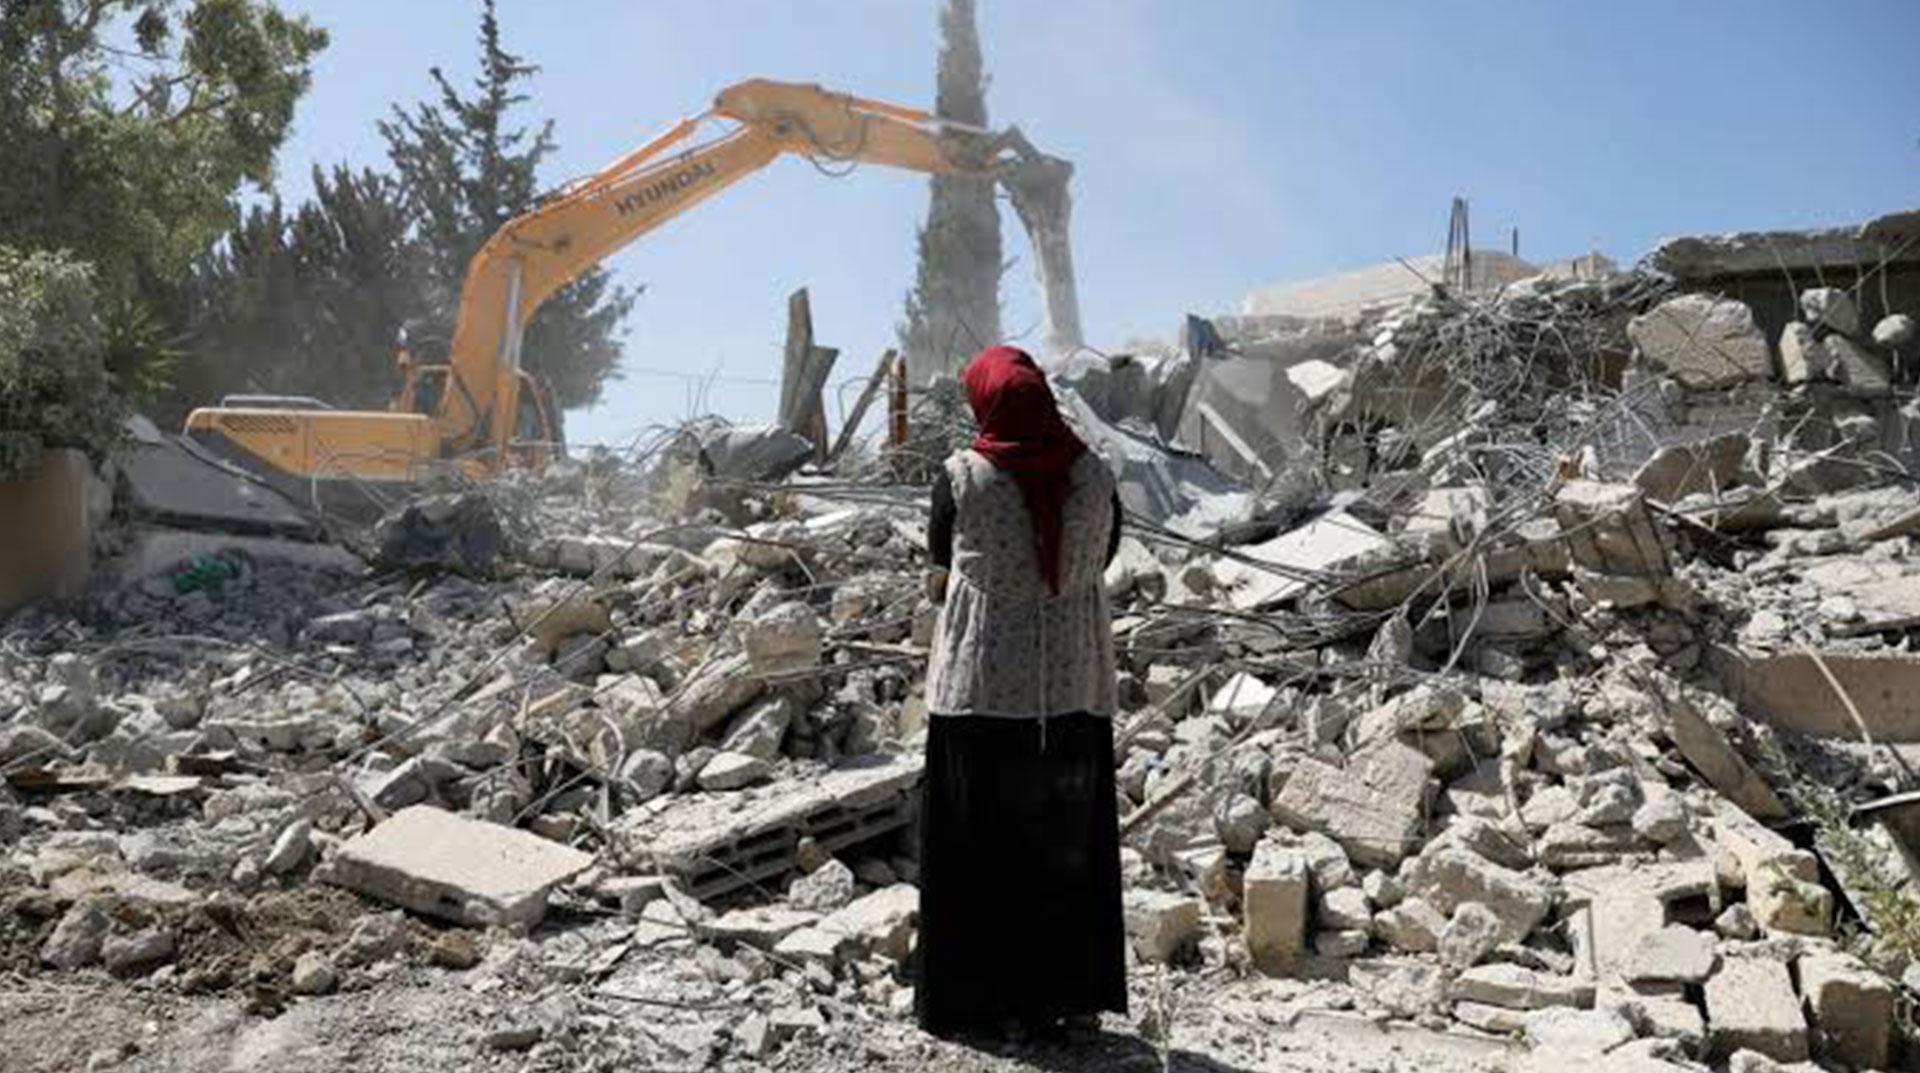 İşgal Yönetimi Kudüs'te Filistinlilere Ait 4 Evi Yıktı